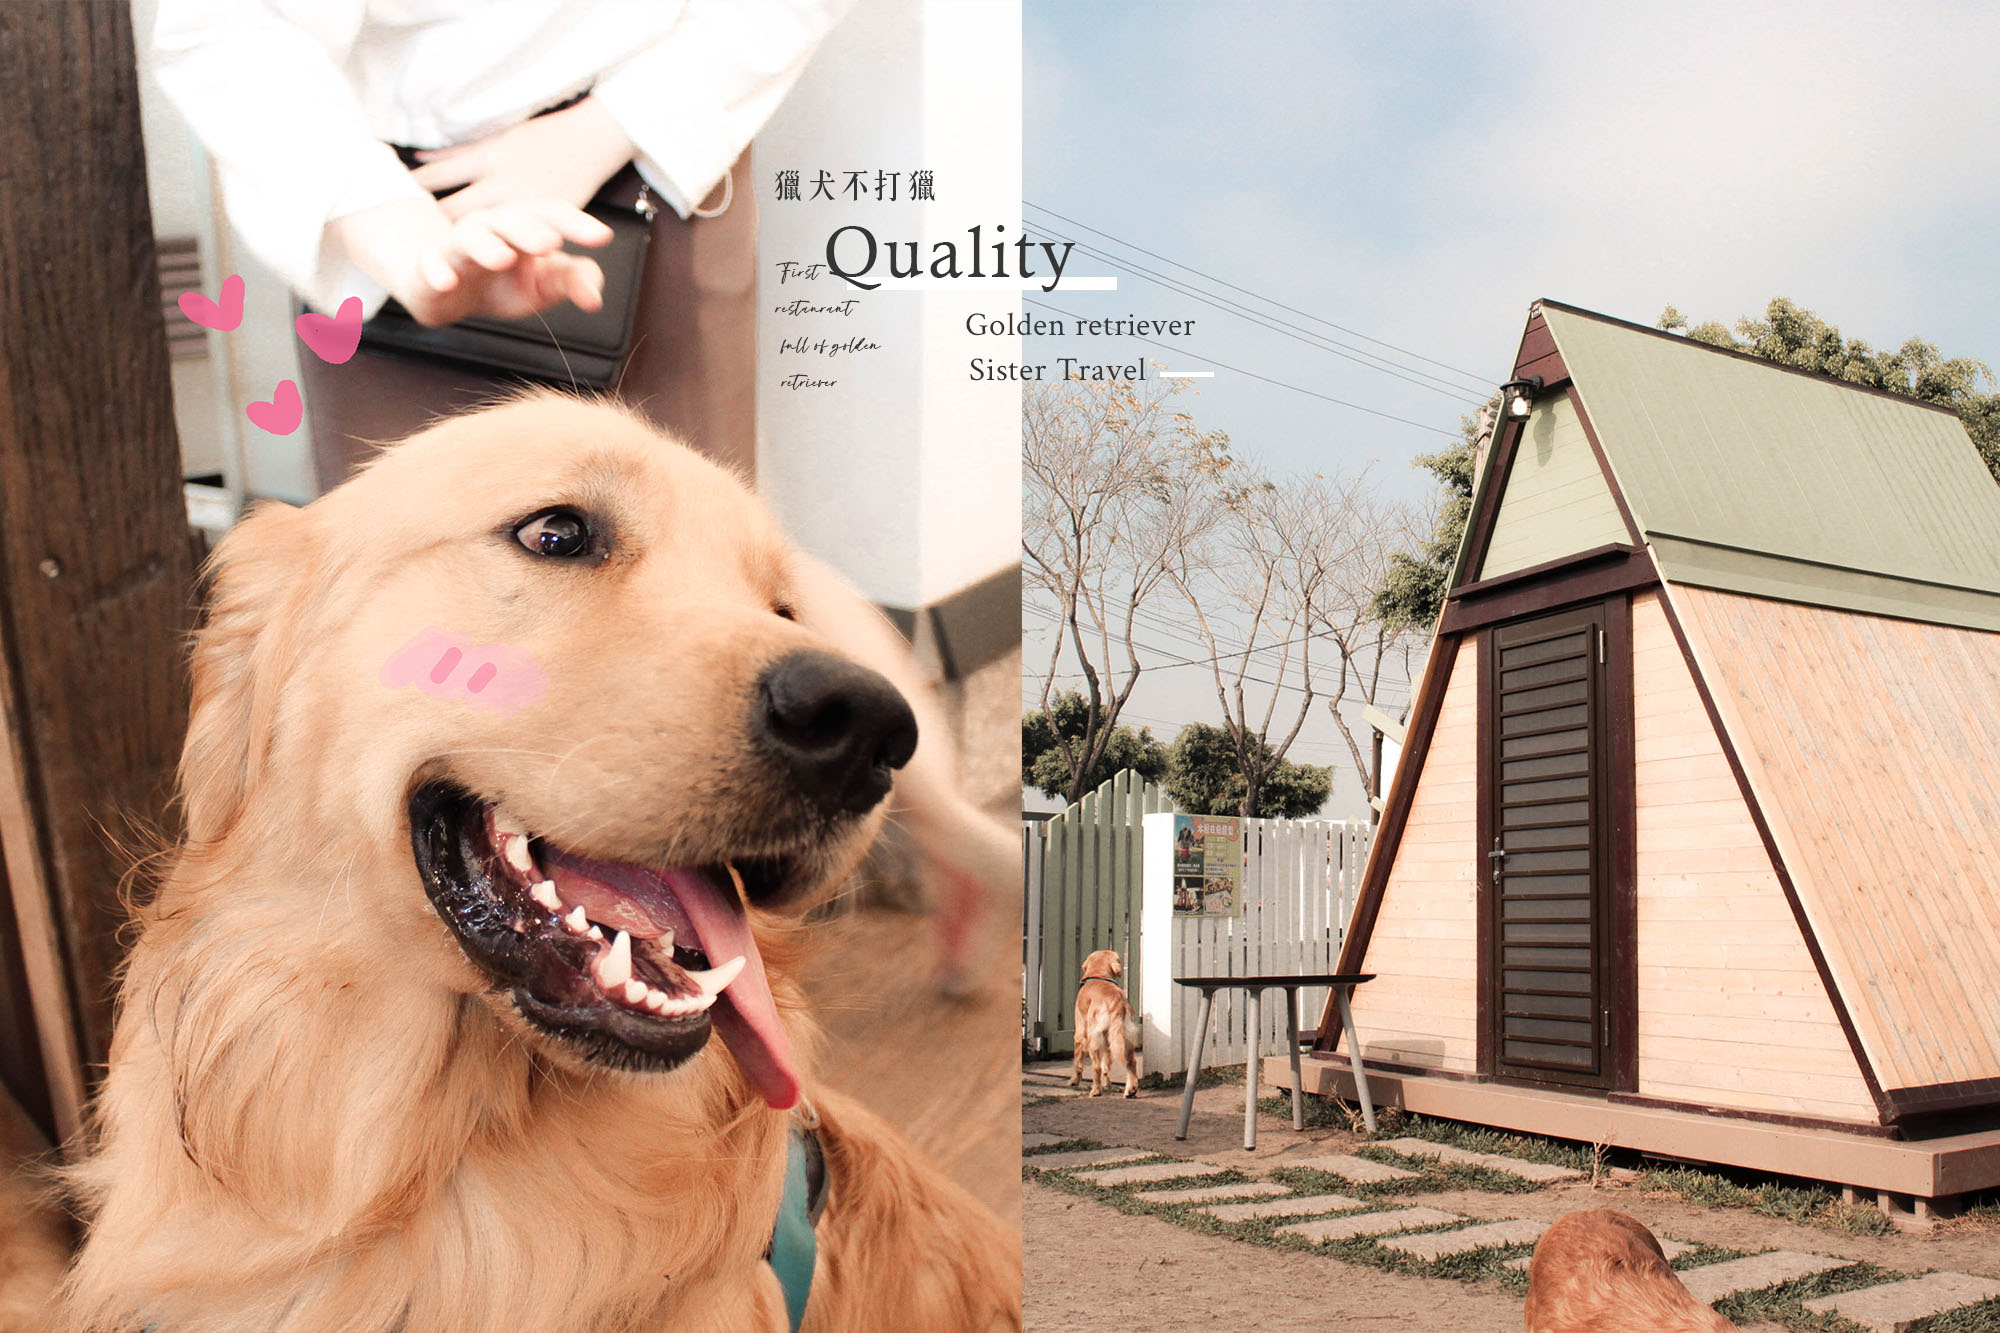 台中景點|獵犬不打獵-享受和黃金一起奔跑的時光,3月最新門票、入園資訊整理